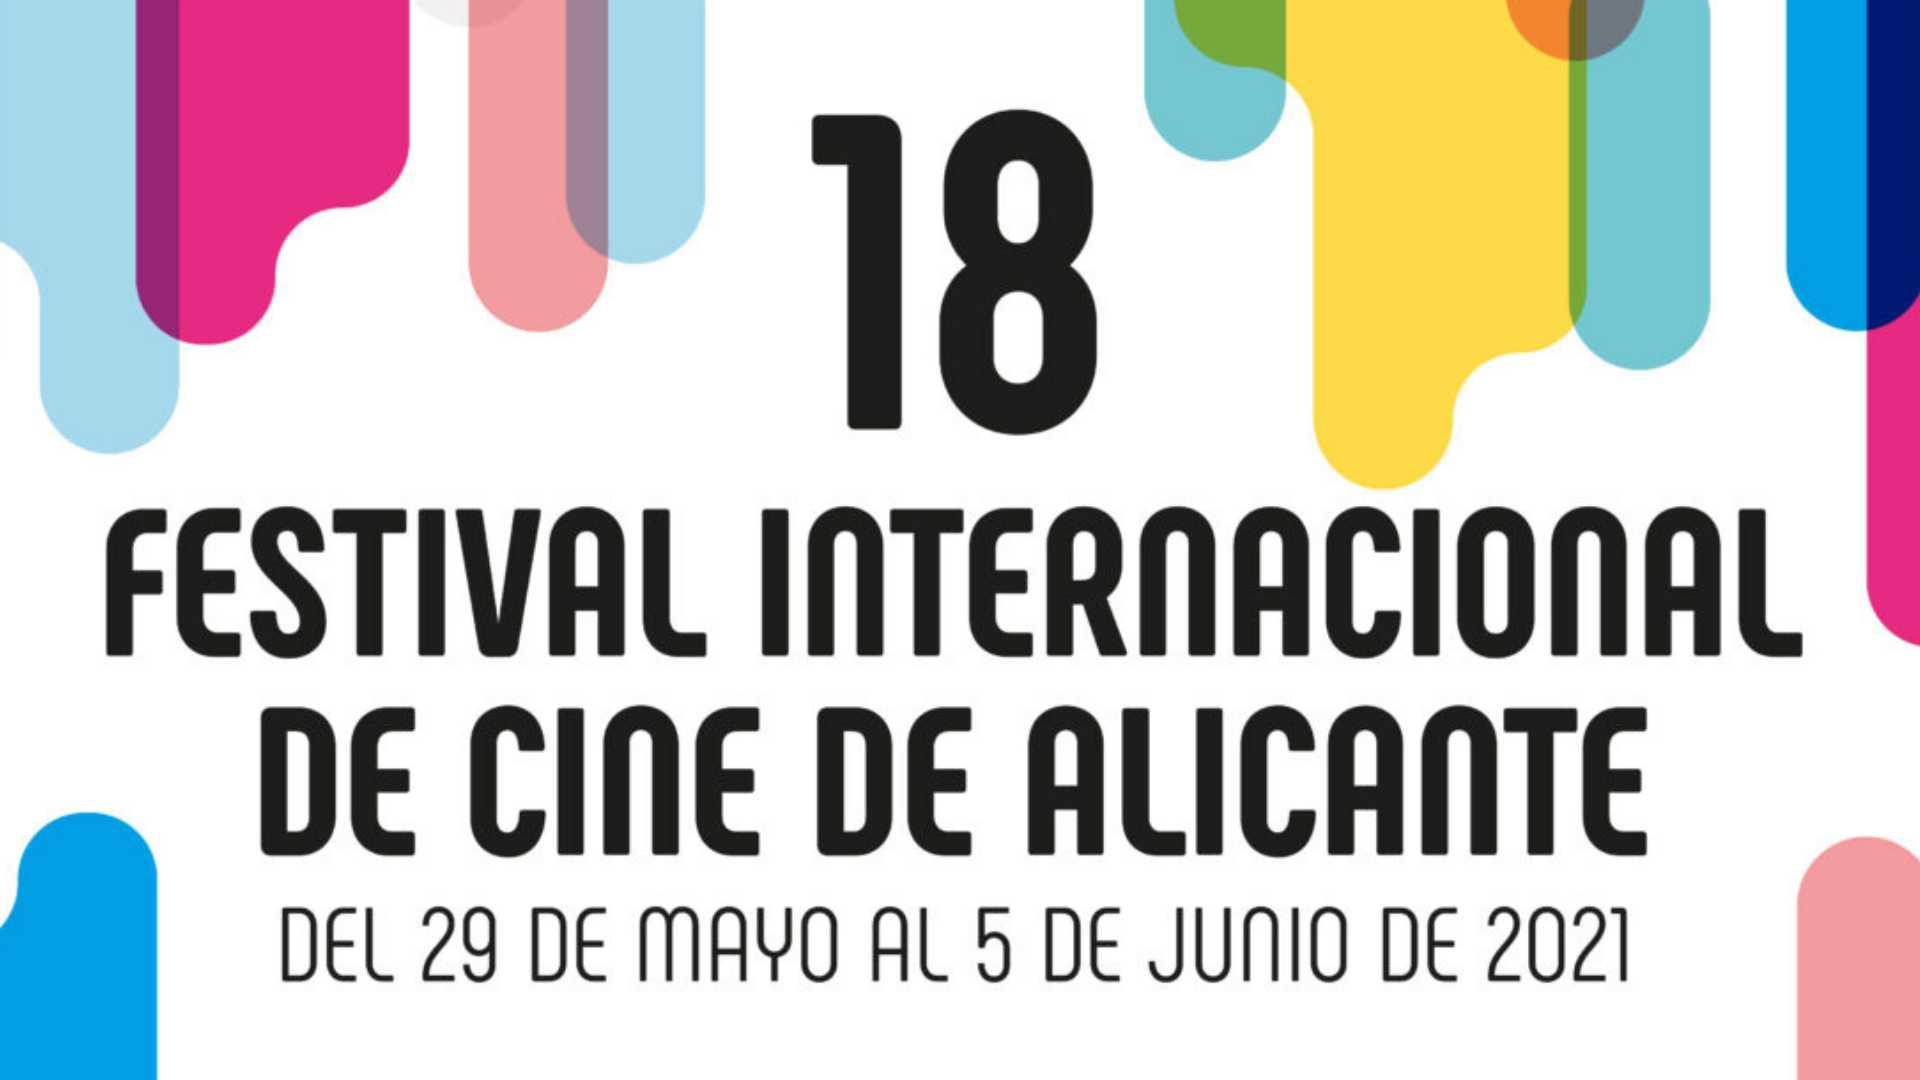 18th edition of Festival Internacional de Cine de Alicante